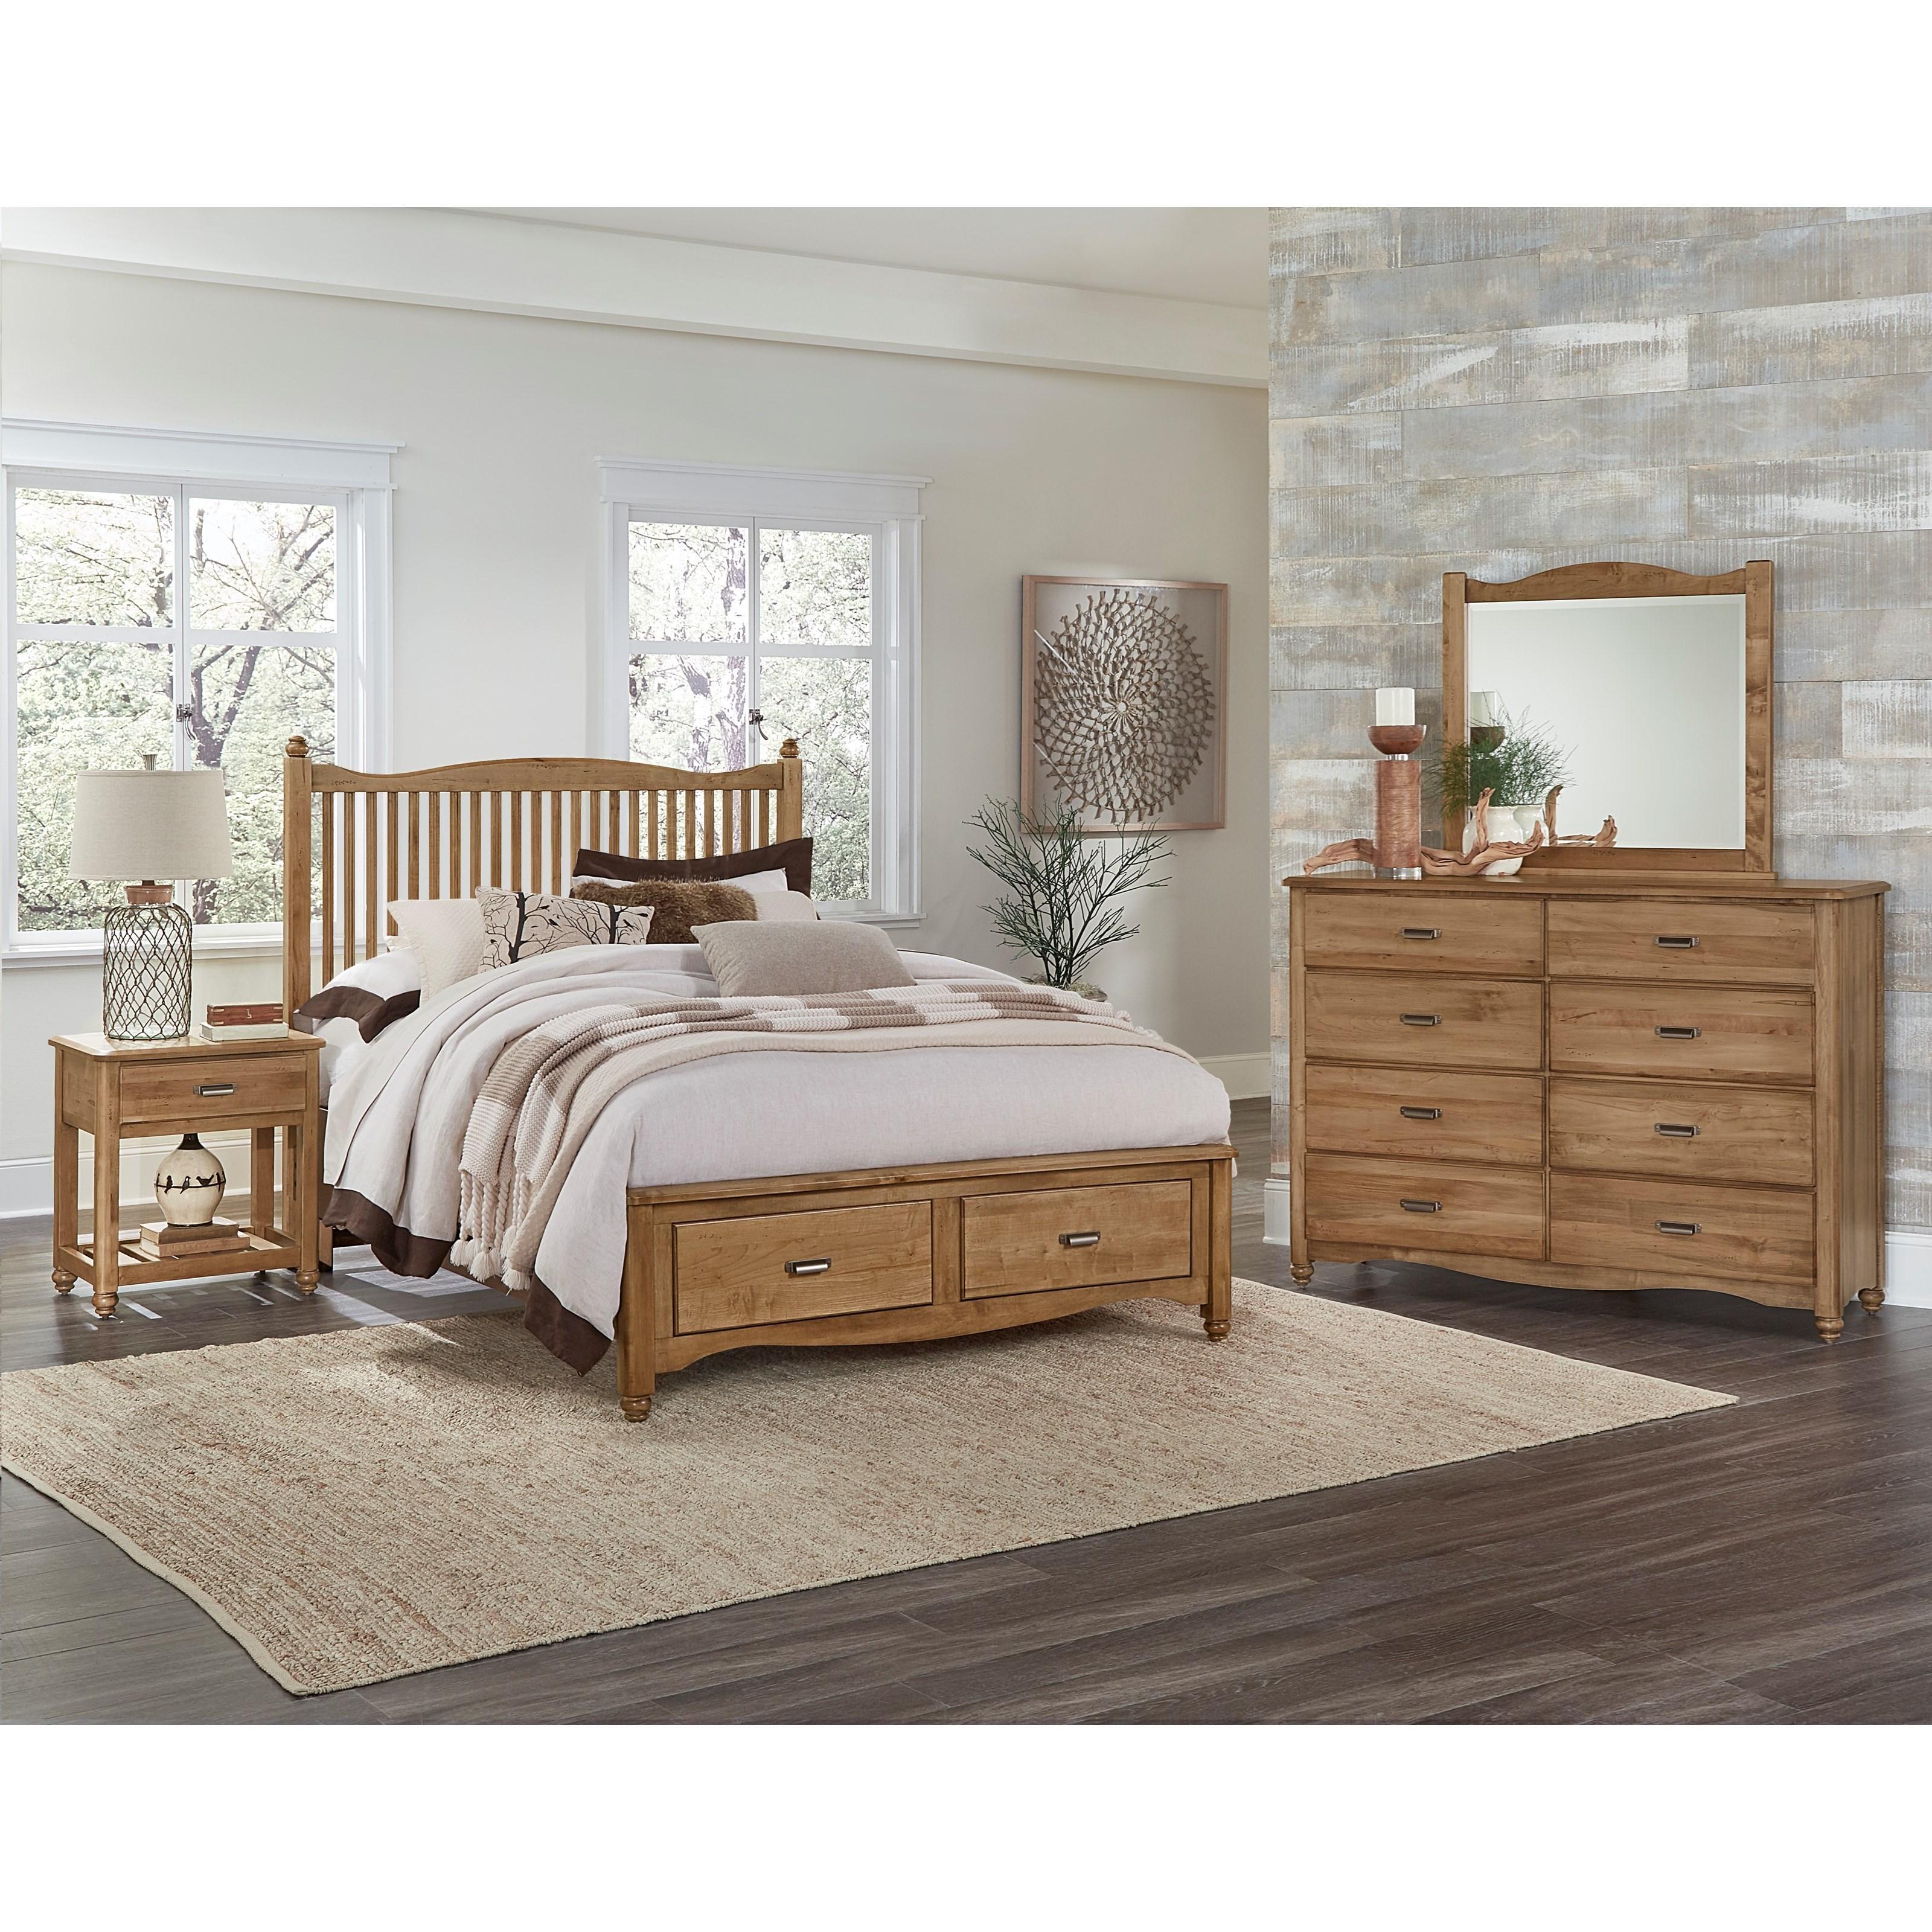 american maple king bedroom group item number 402 k bedroom group 3